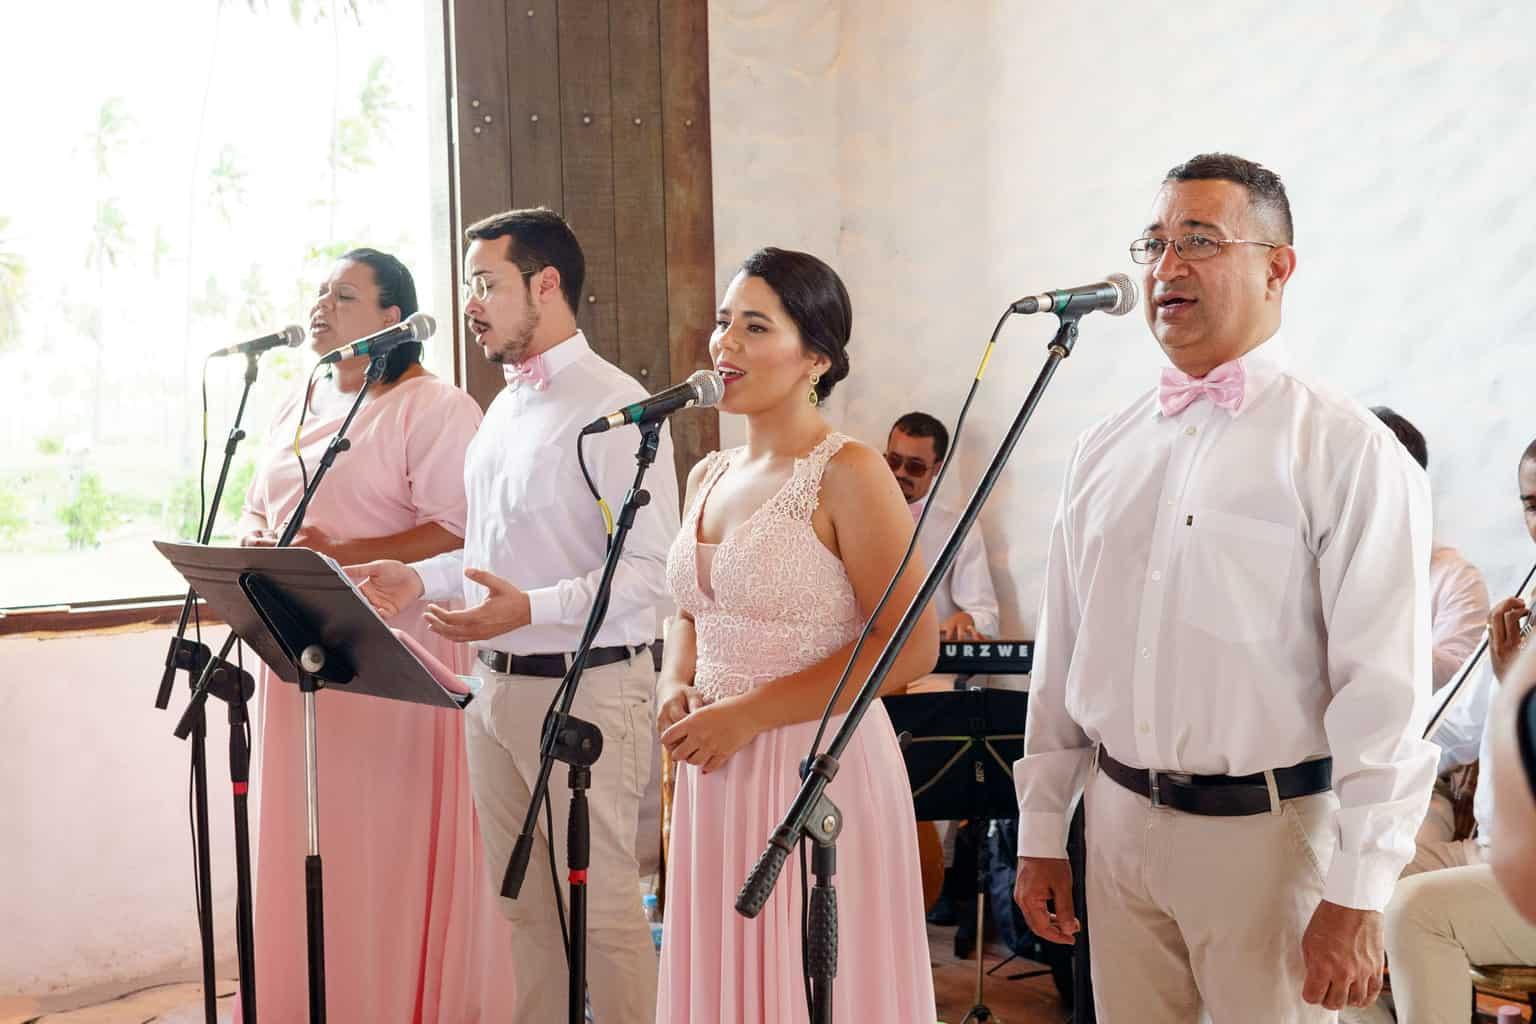 AL-Aline-e-Mauricio-capela-dos-milagres-casamento-casamento-na-praia-cerimonia-na-igreja-noivos-na-igreja85-1